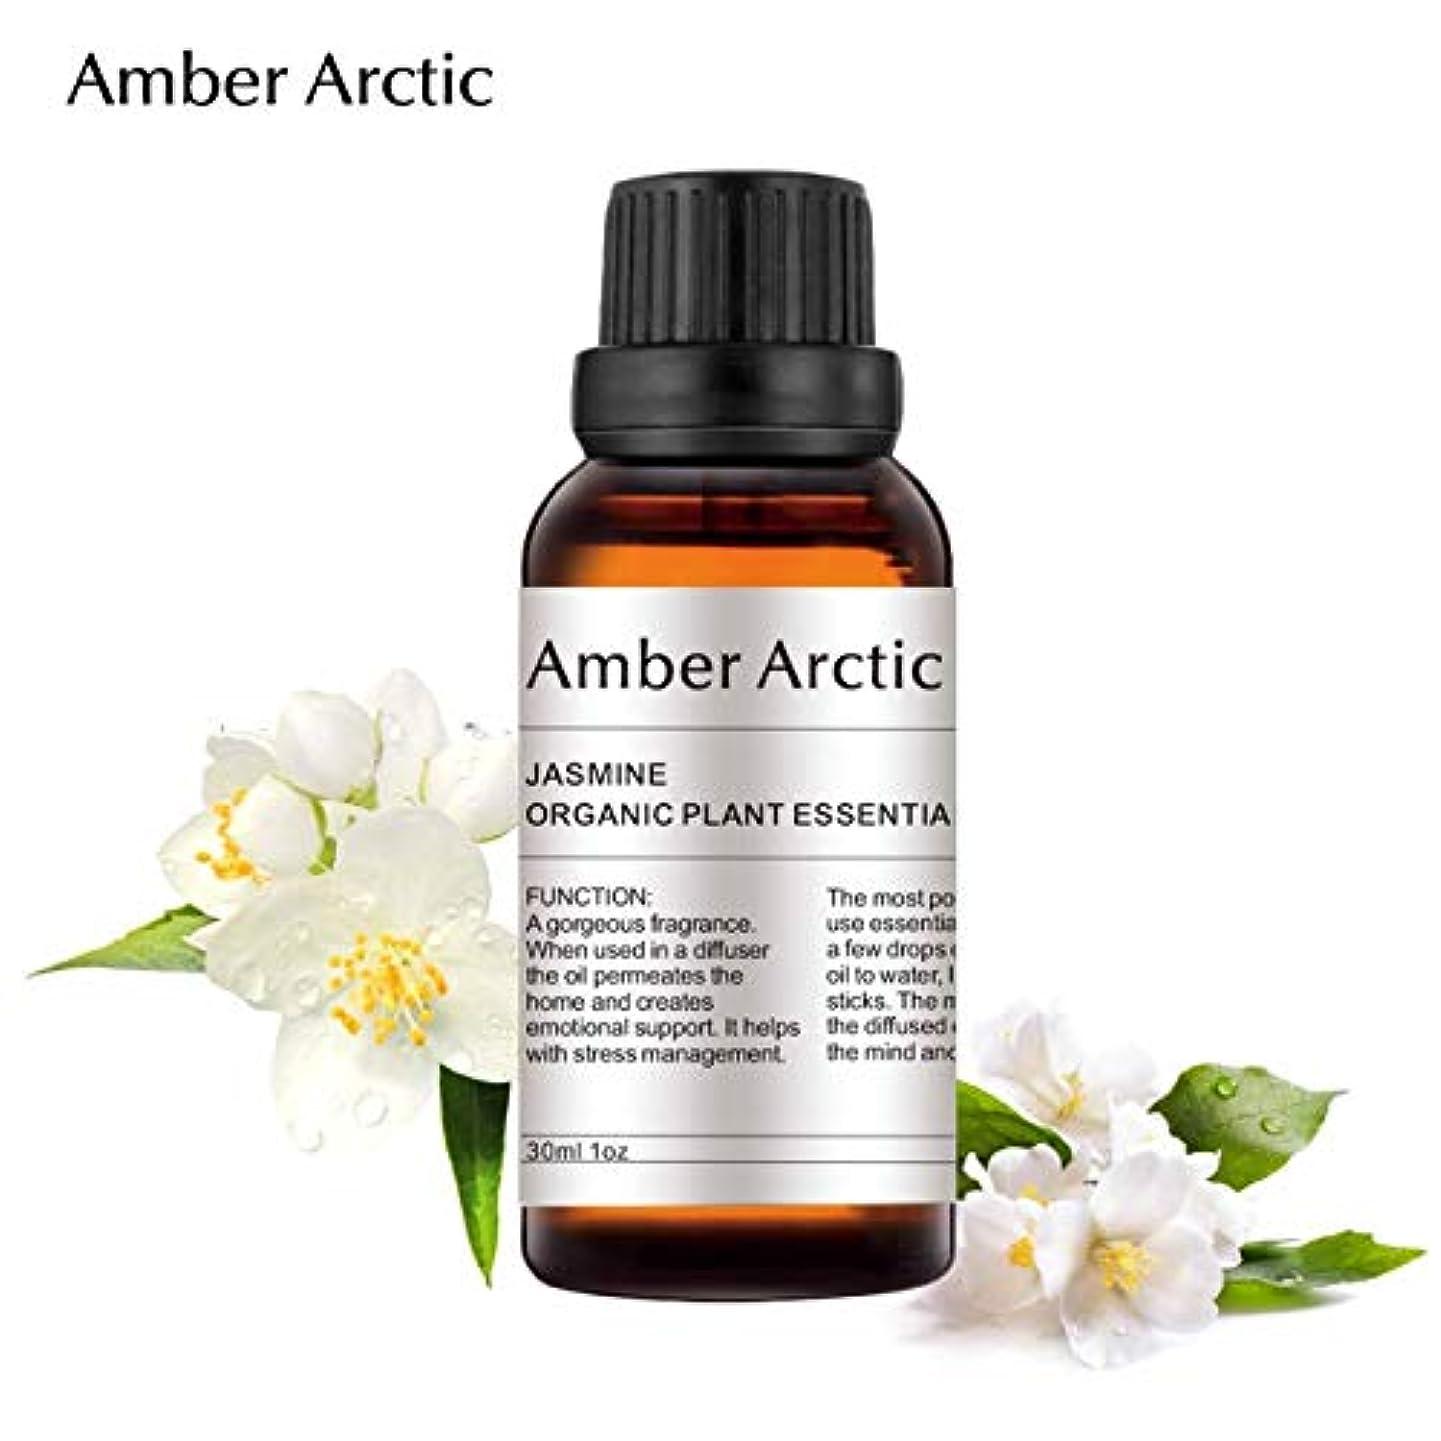 危機毎月線形AMBER ARCTIC エッセンシャル オイル ディフューザー 用 100% 純粋 新鮮 有機 植物 セラピー オイル 30Ml ジャスミン ジャスミン